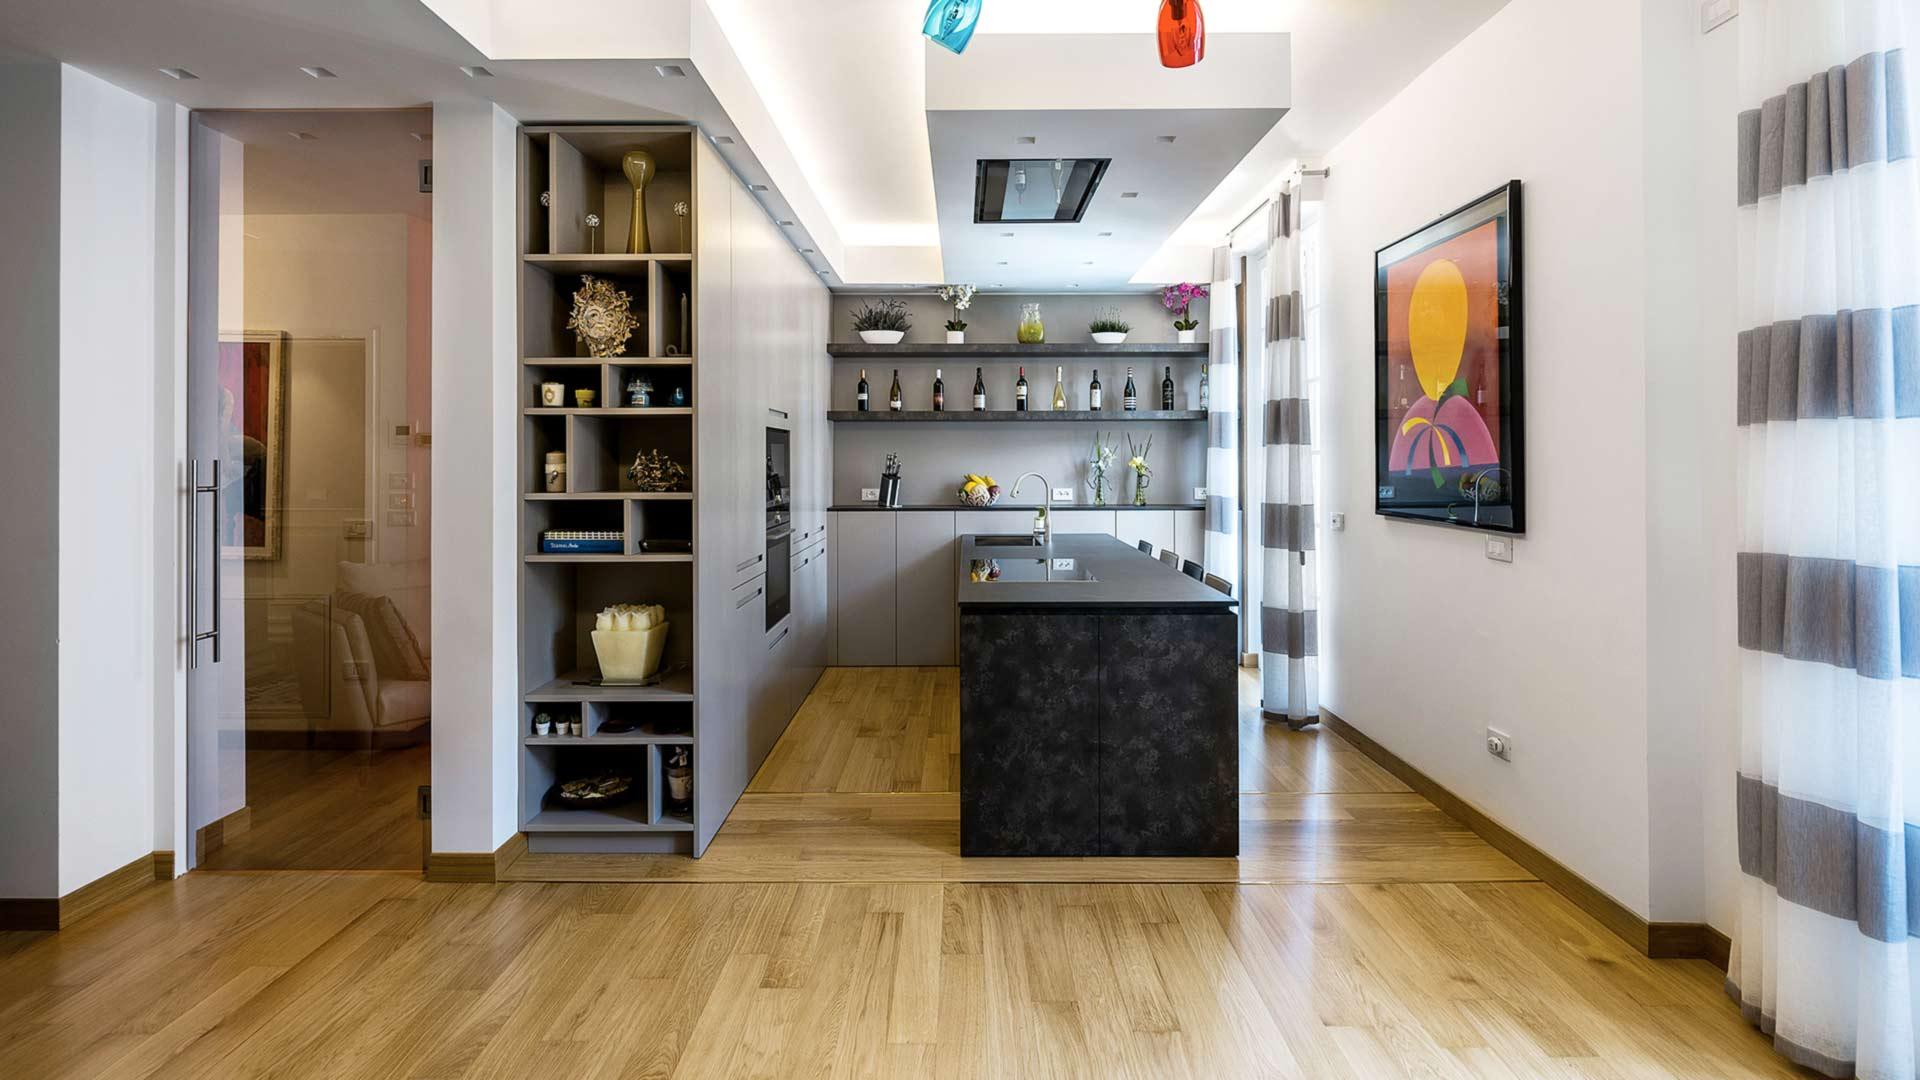 Cucina con penisola in laminato Caesar Brown Stone inserita in un open space